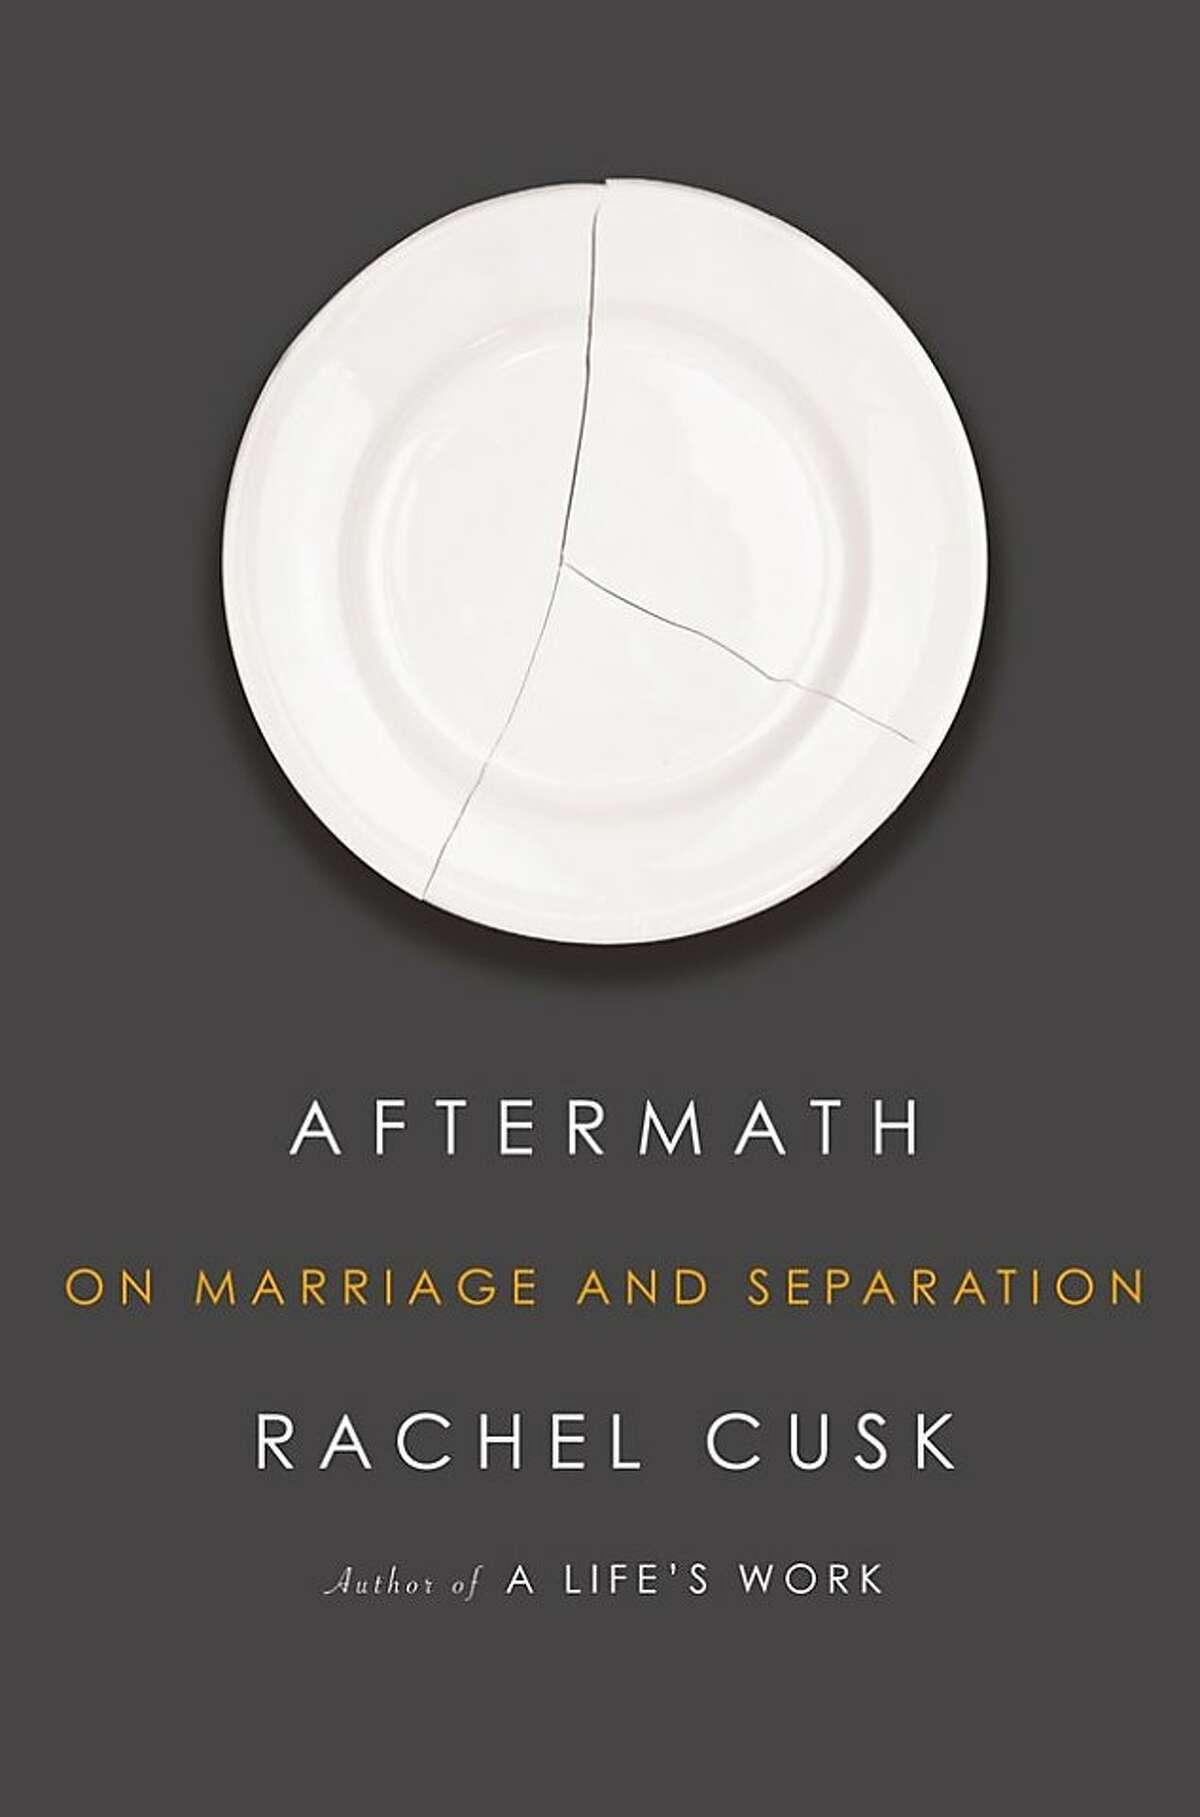 Aftermath, by Rachel Cusk